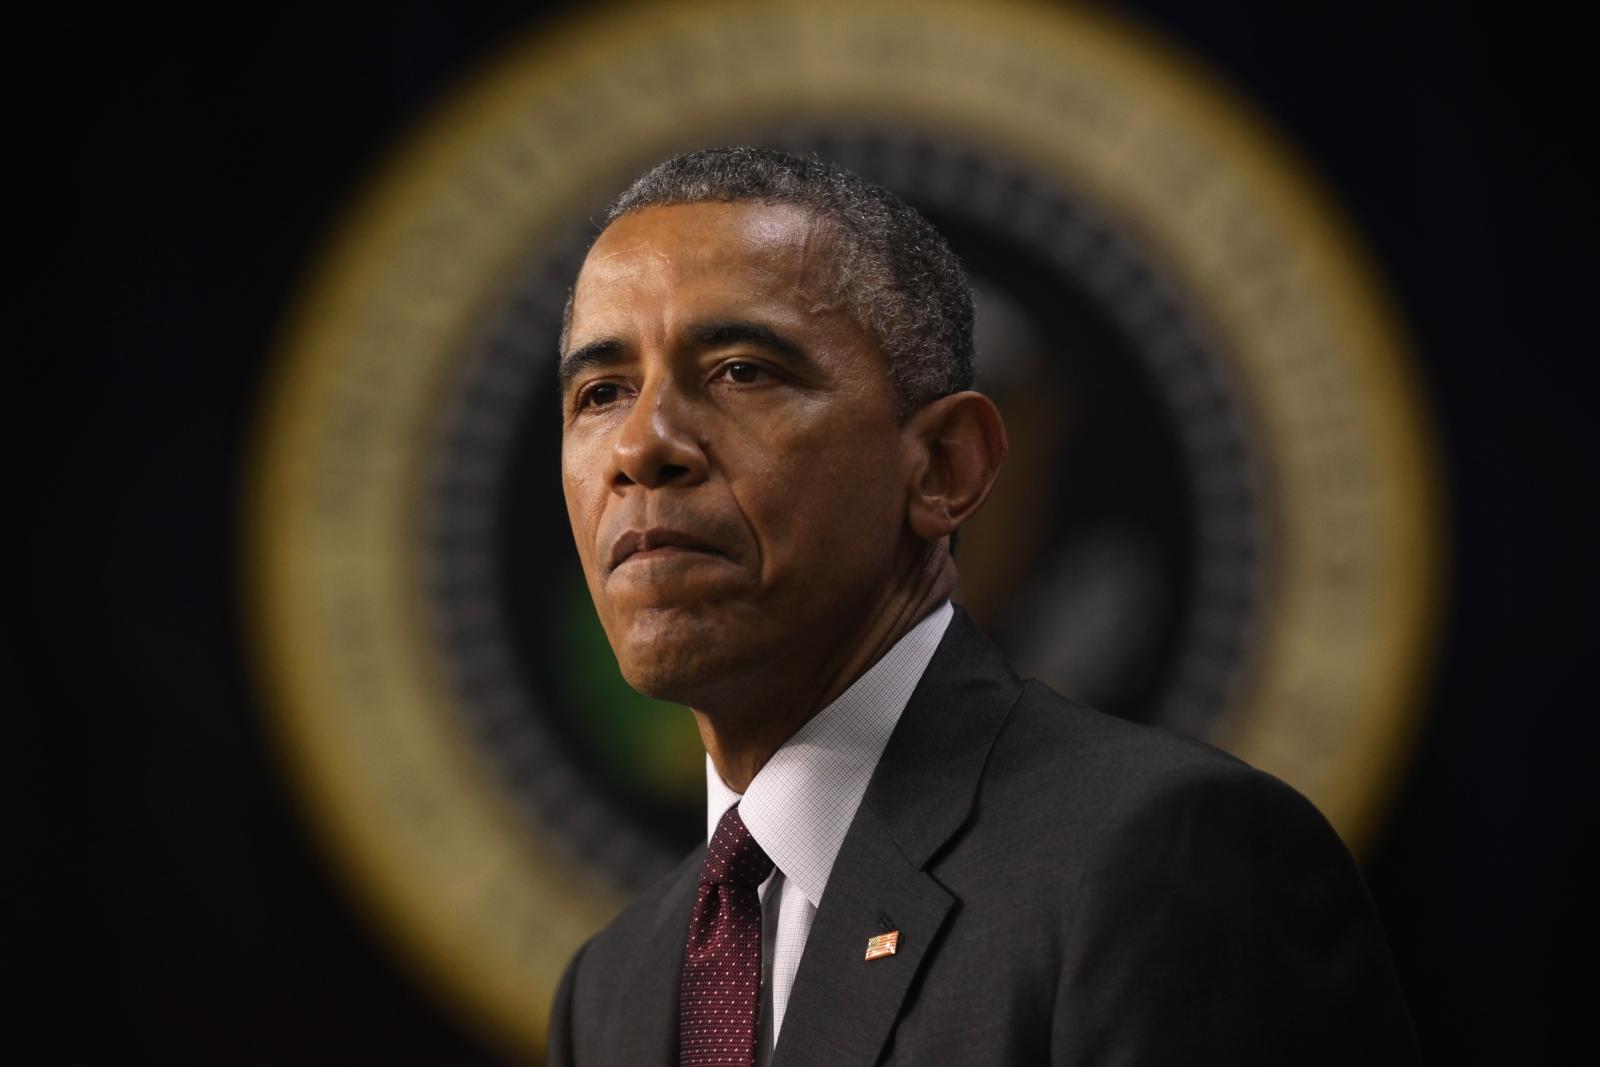 Obama sombre